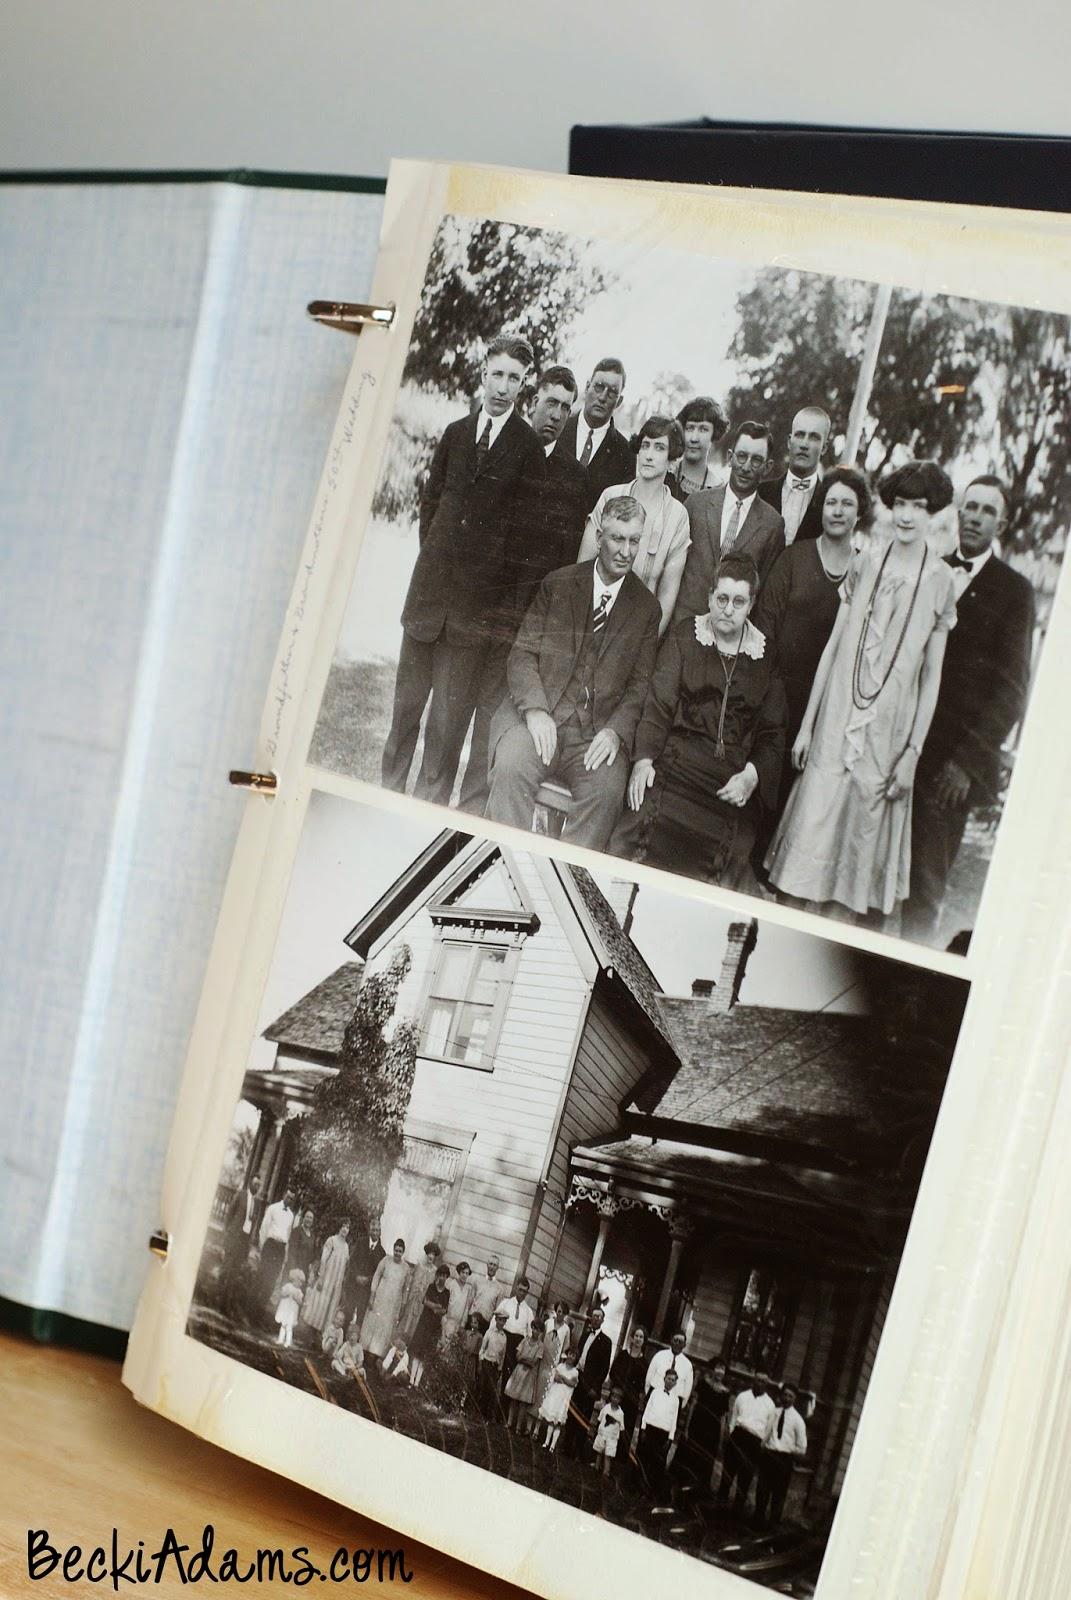 Restoring old Photo albums